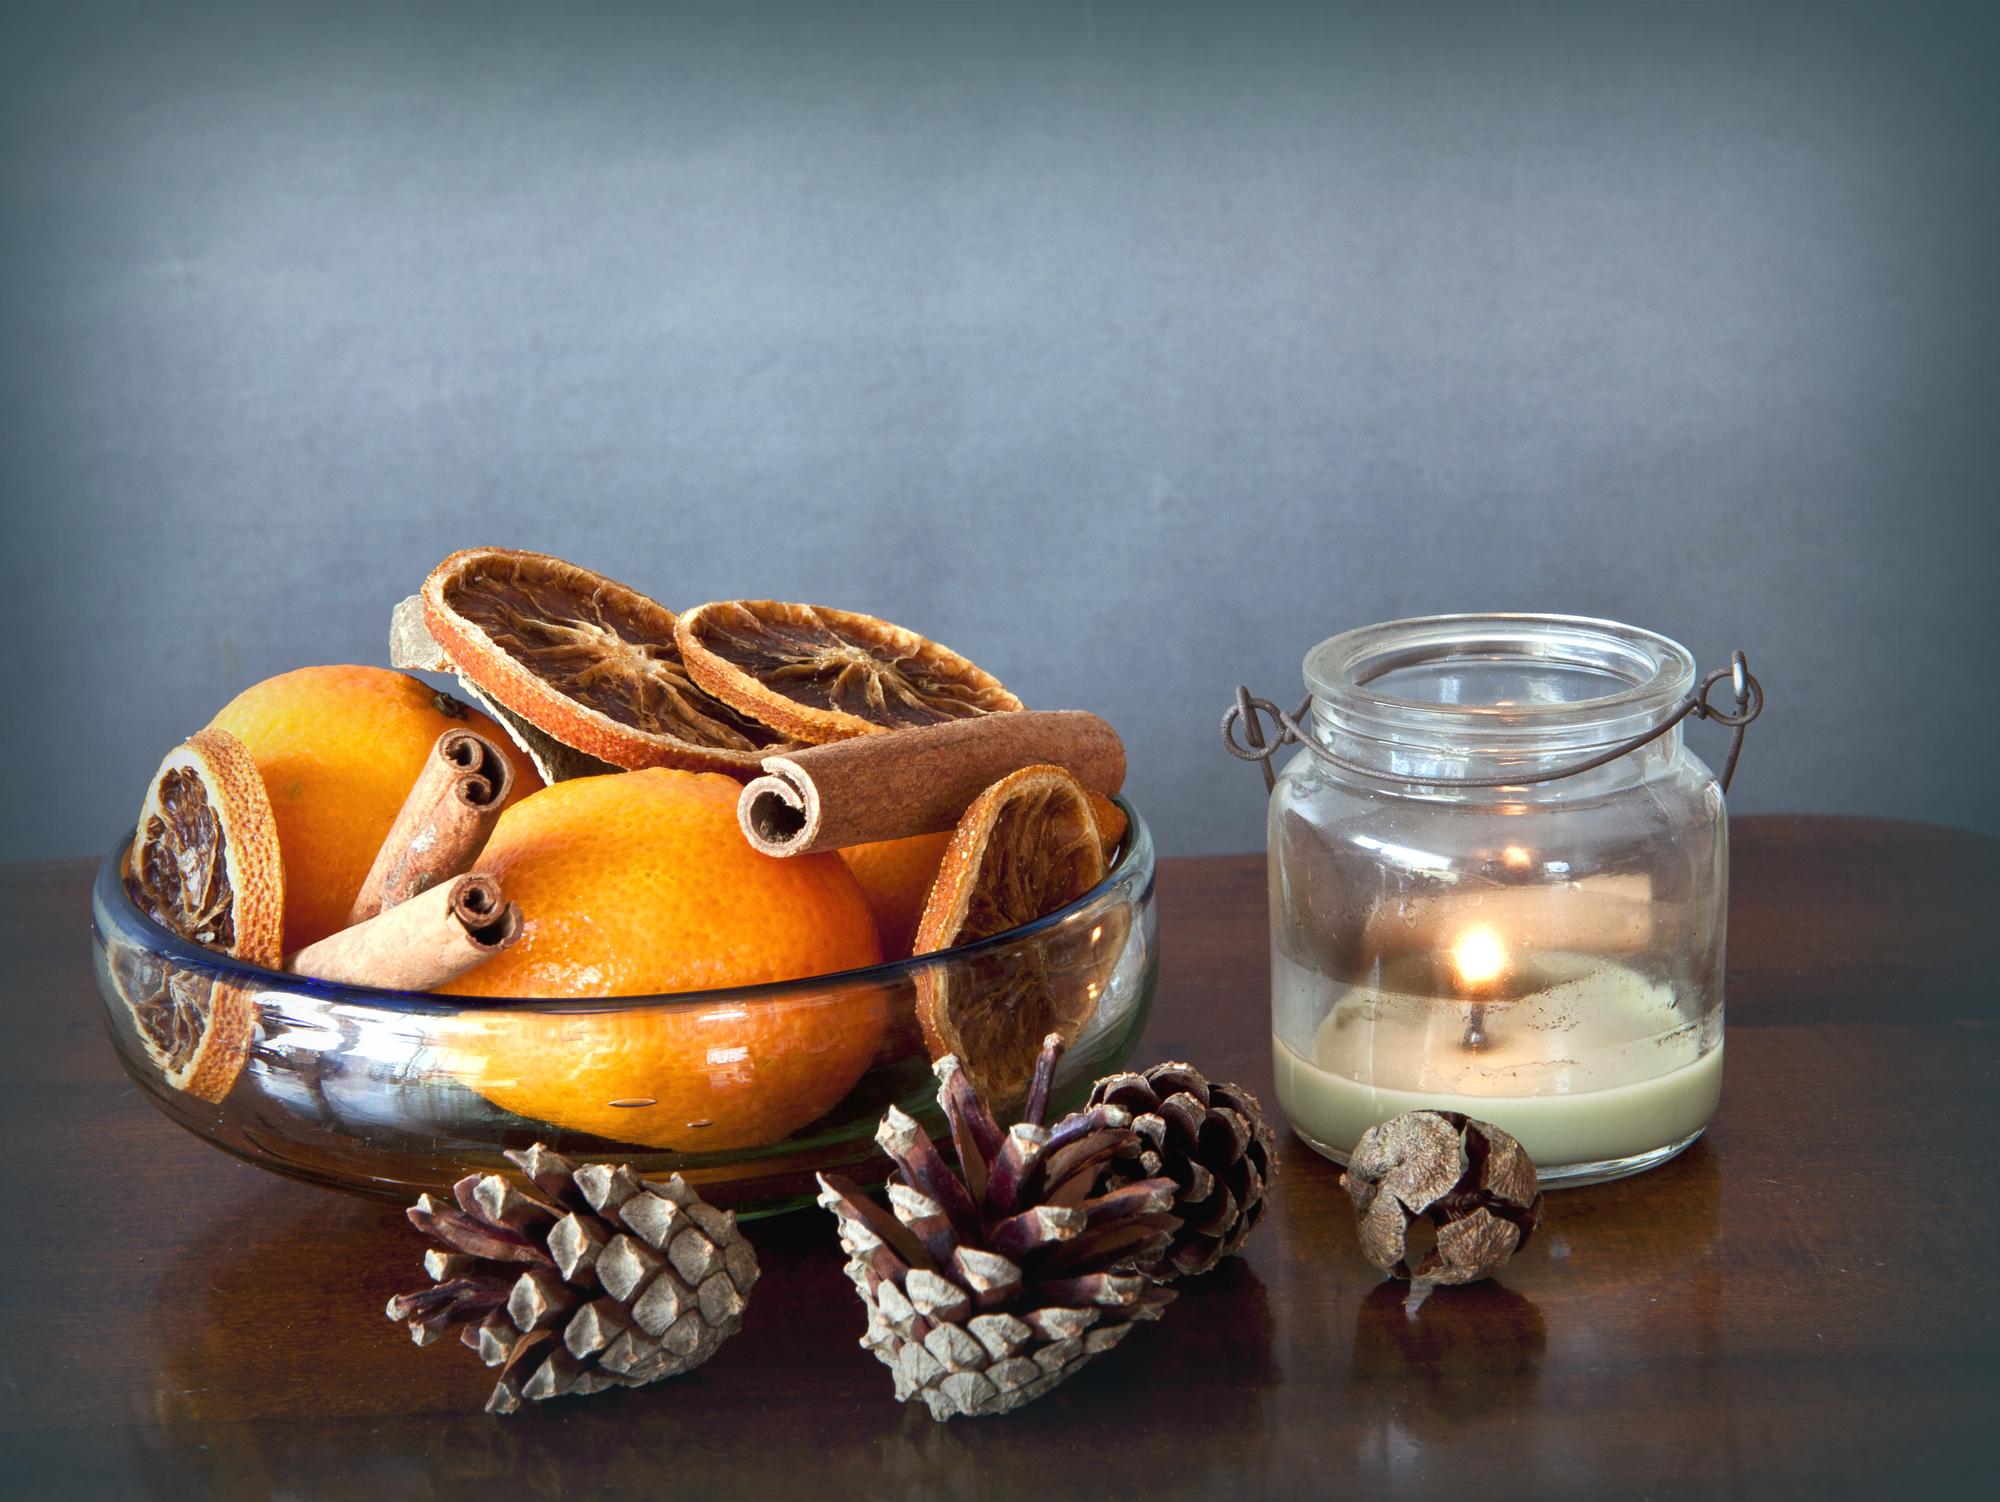 украшения из мандаринов на Новый год